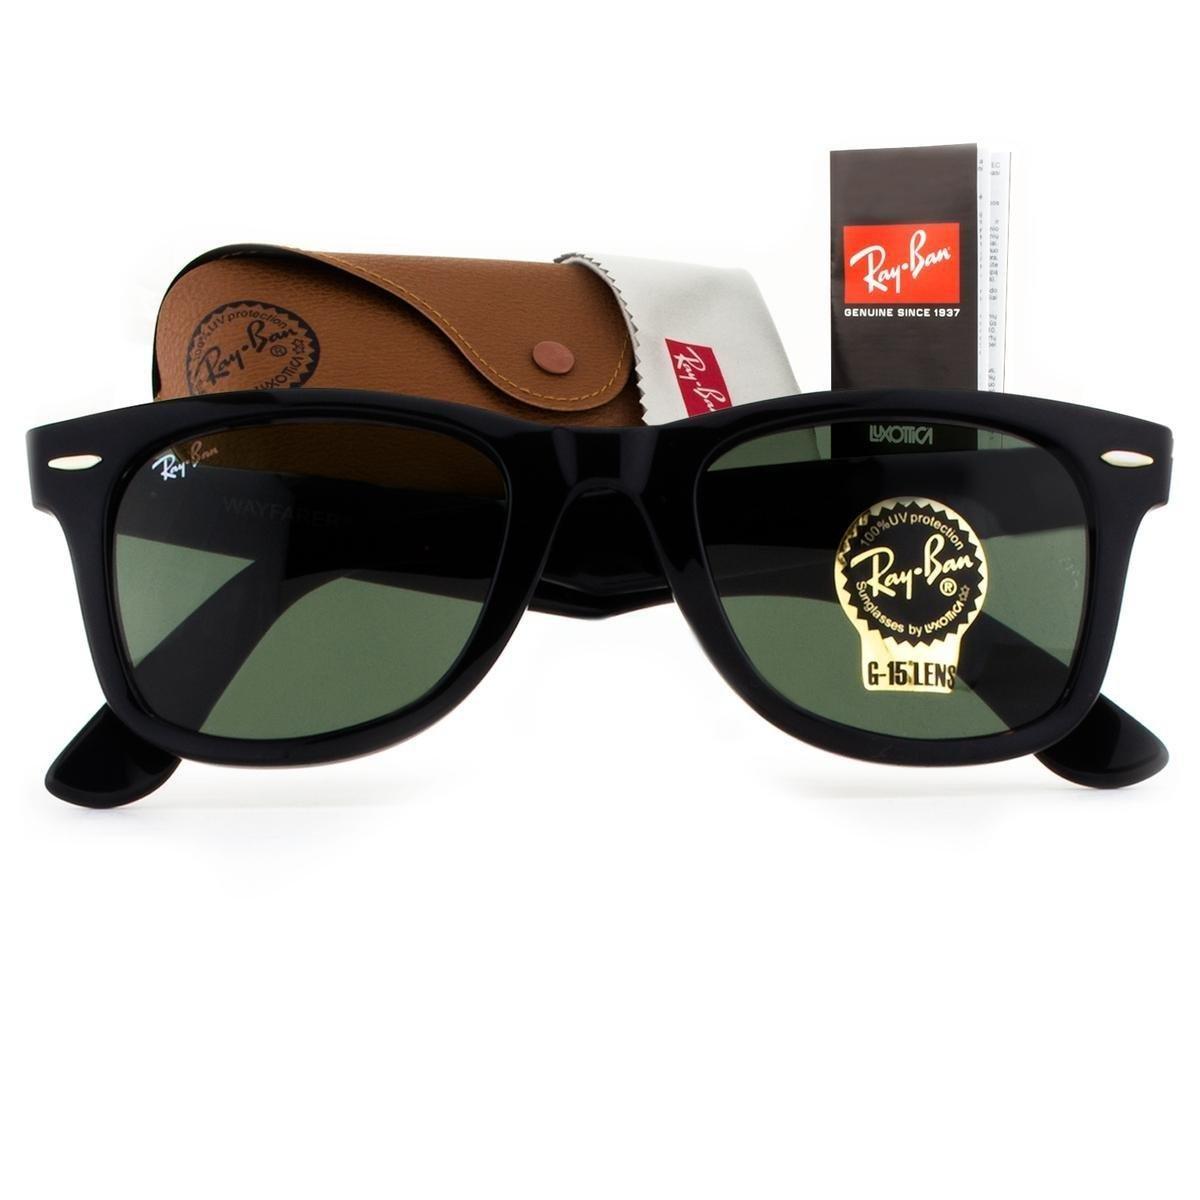 Óculos de Sol Ray Ban Wayfarer Classic RB2140 901-50 Masculino ... 3f074c4d0b